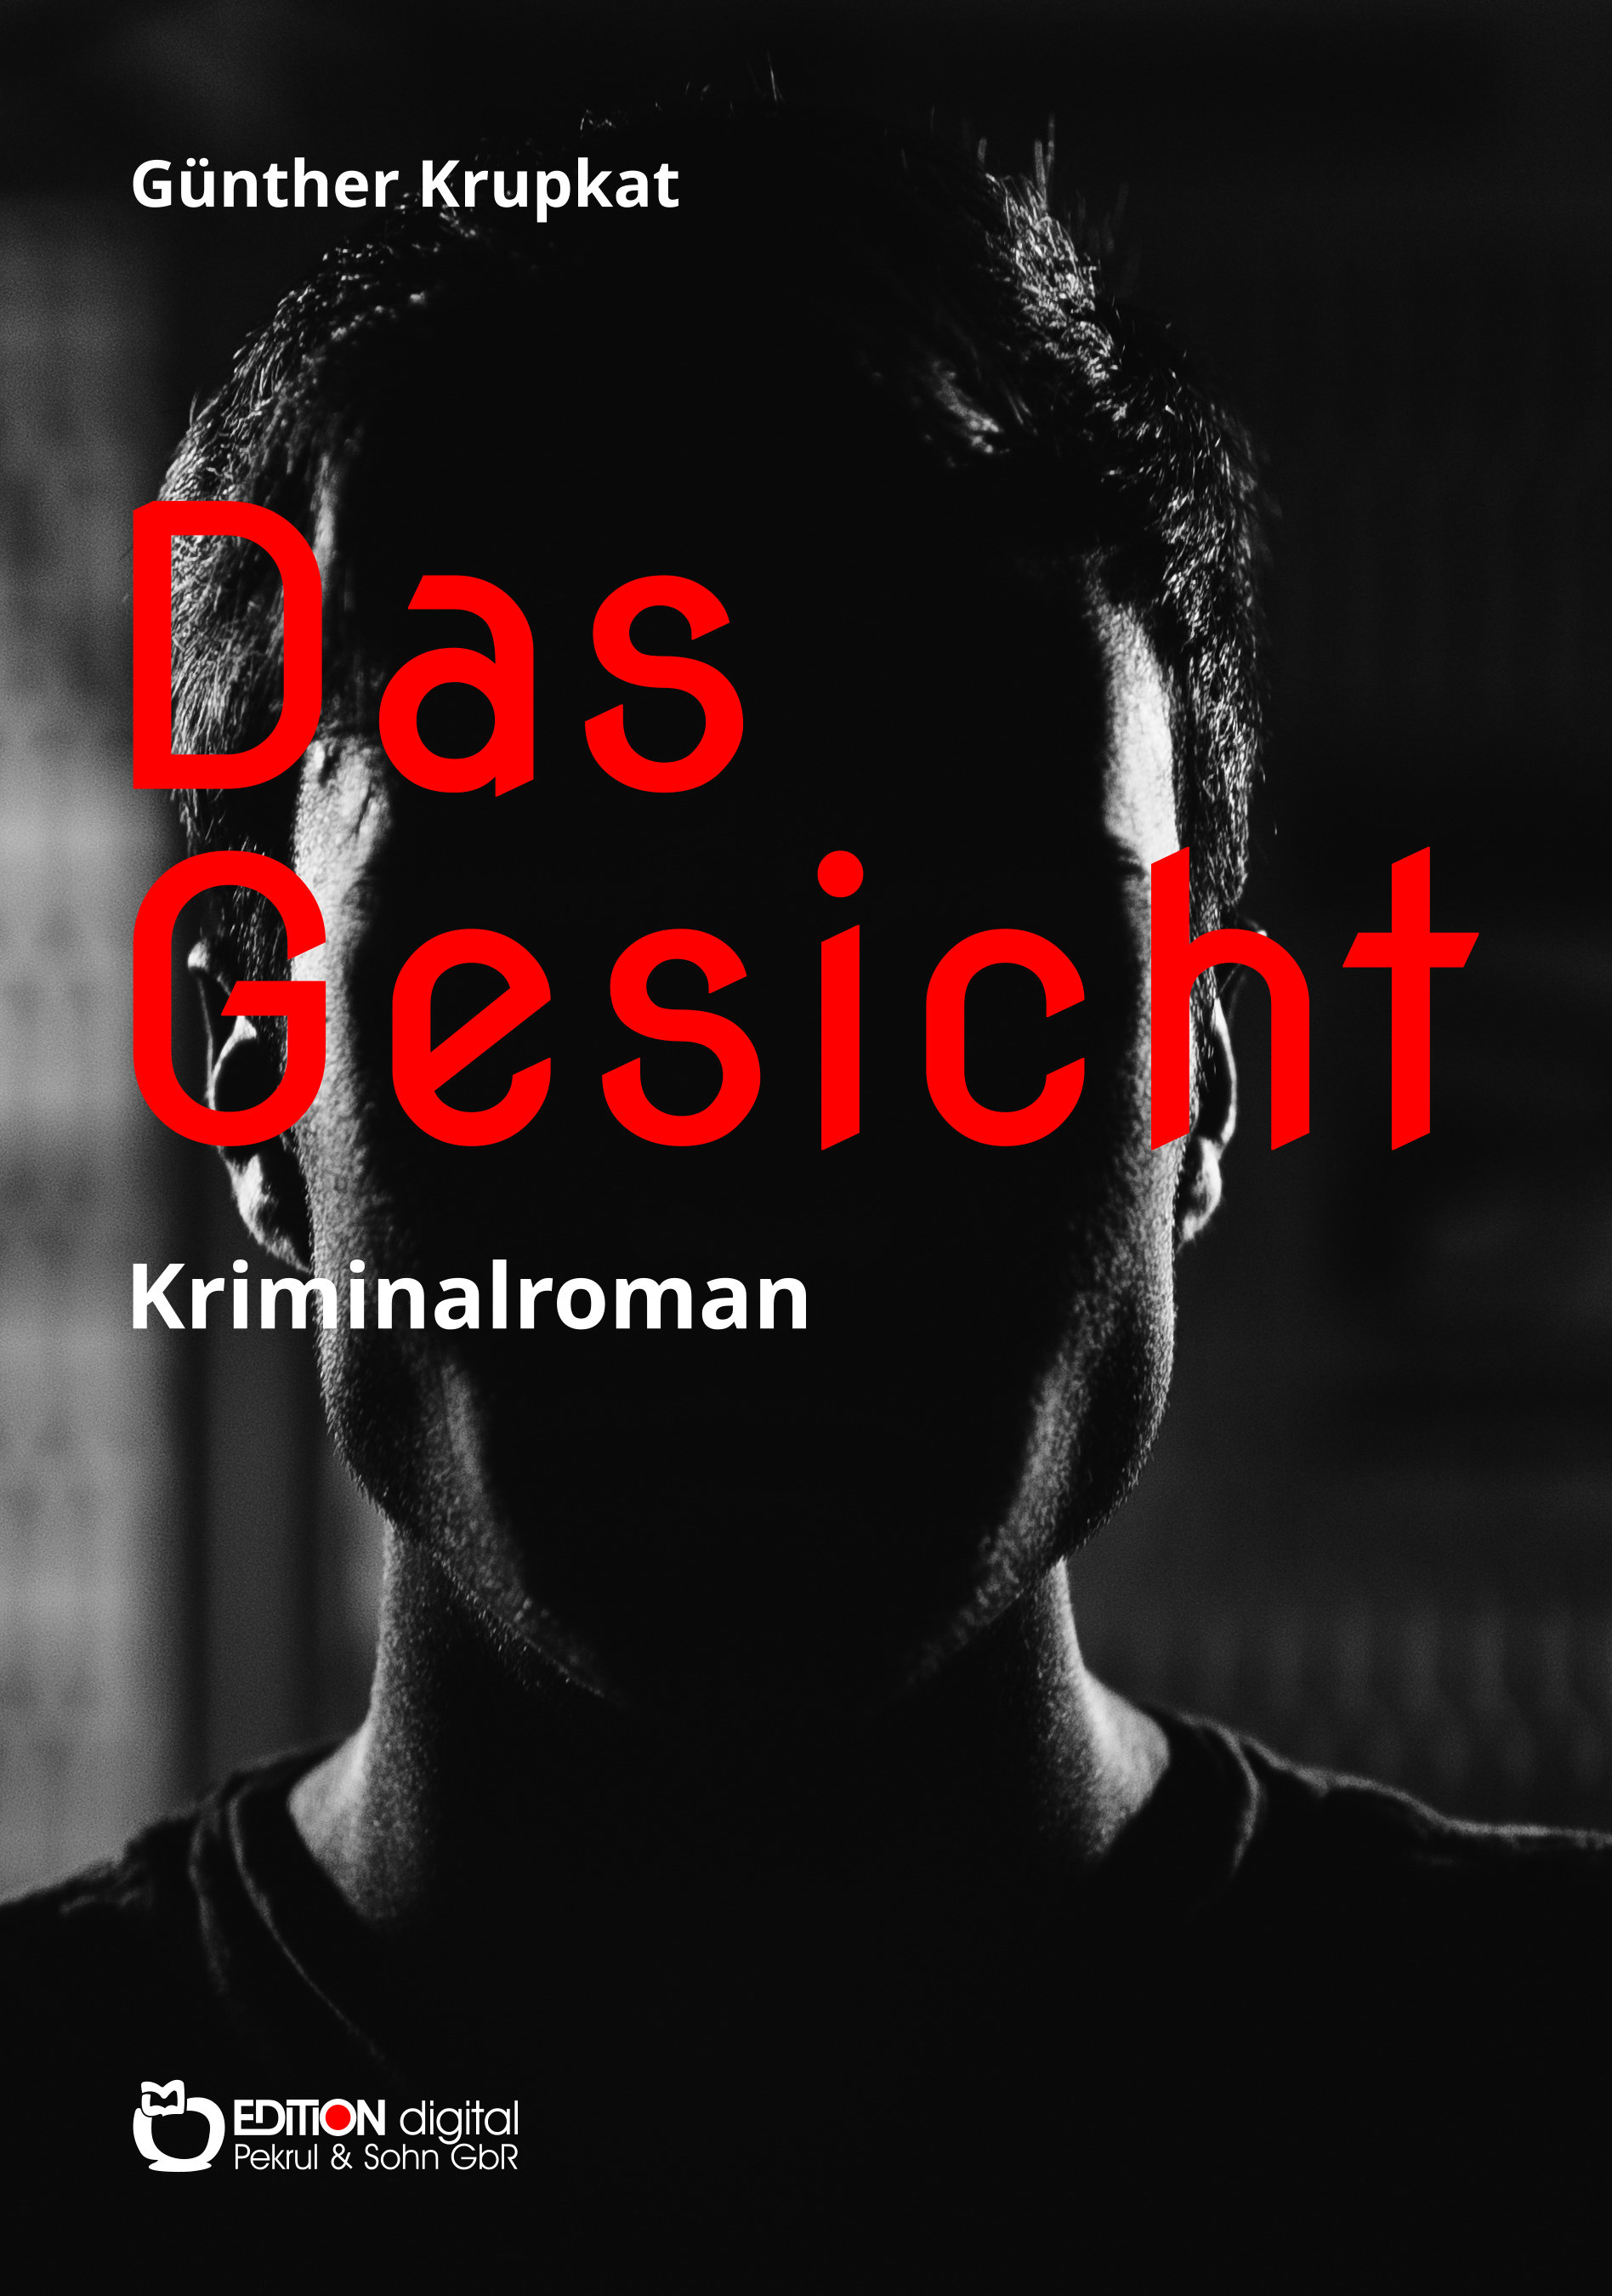 Das Gesicht. Kriminalroman von Günther Krupkat